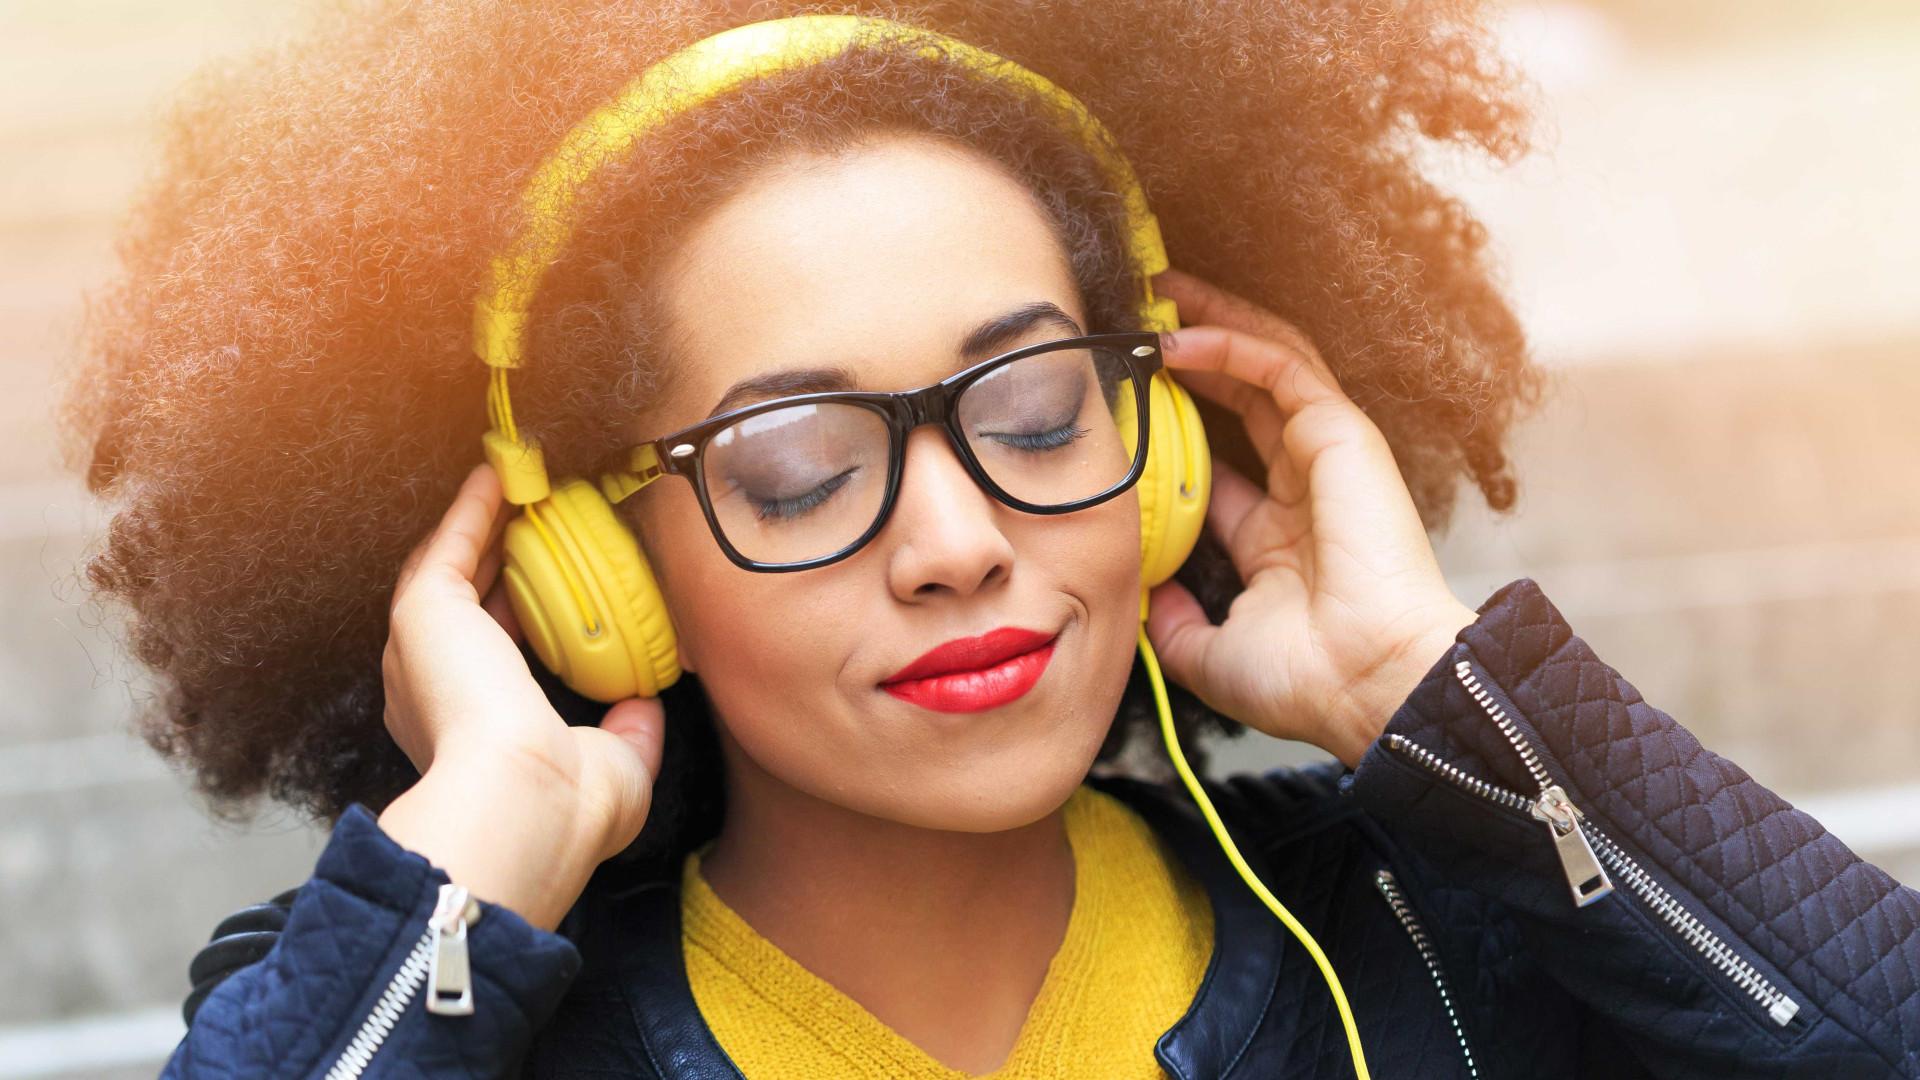 Perda auditiva em adolescentes é cada vez mais comum, diz estudo